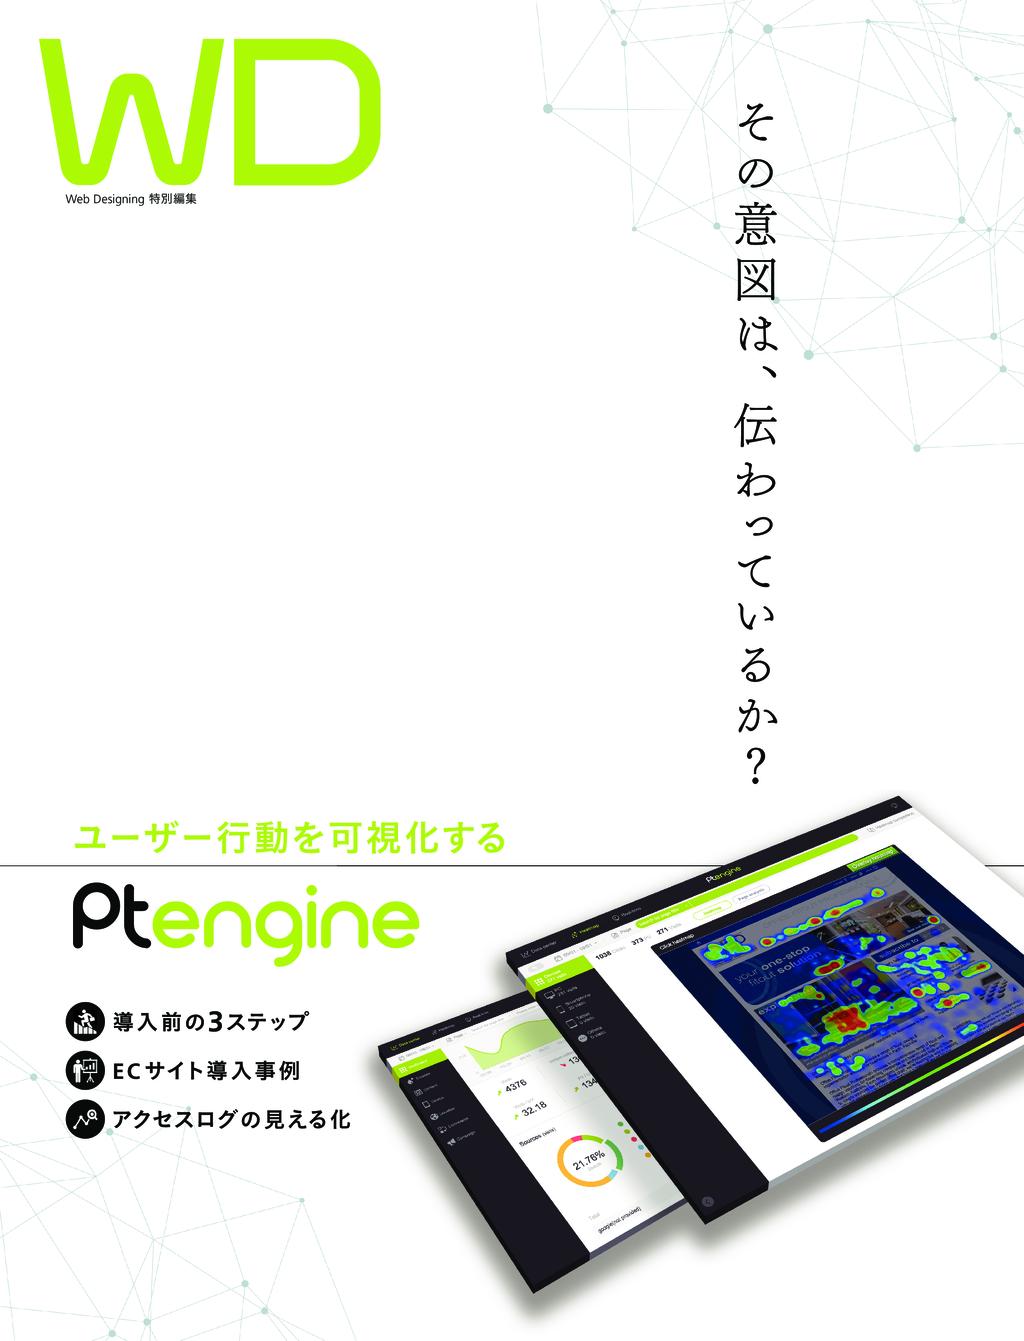 Ptengine(ピーティーエンジン)の資料